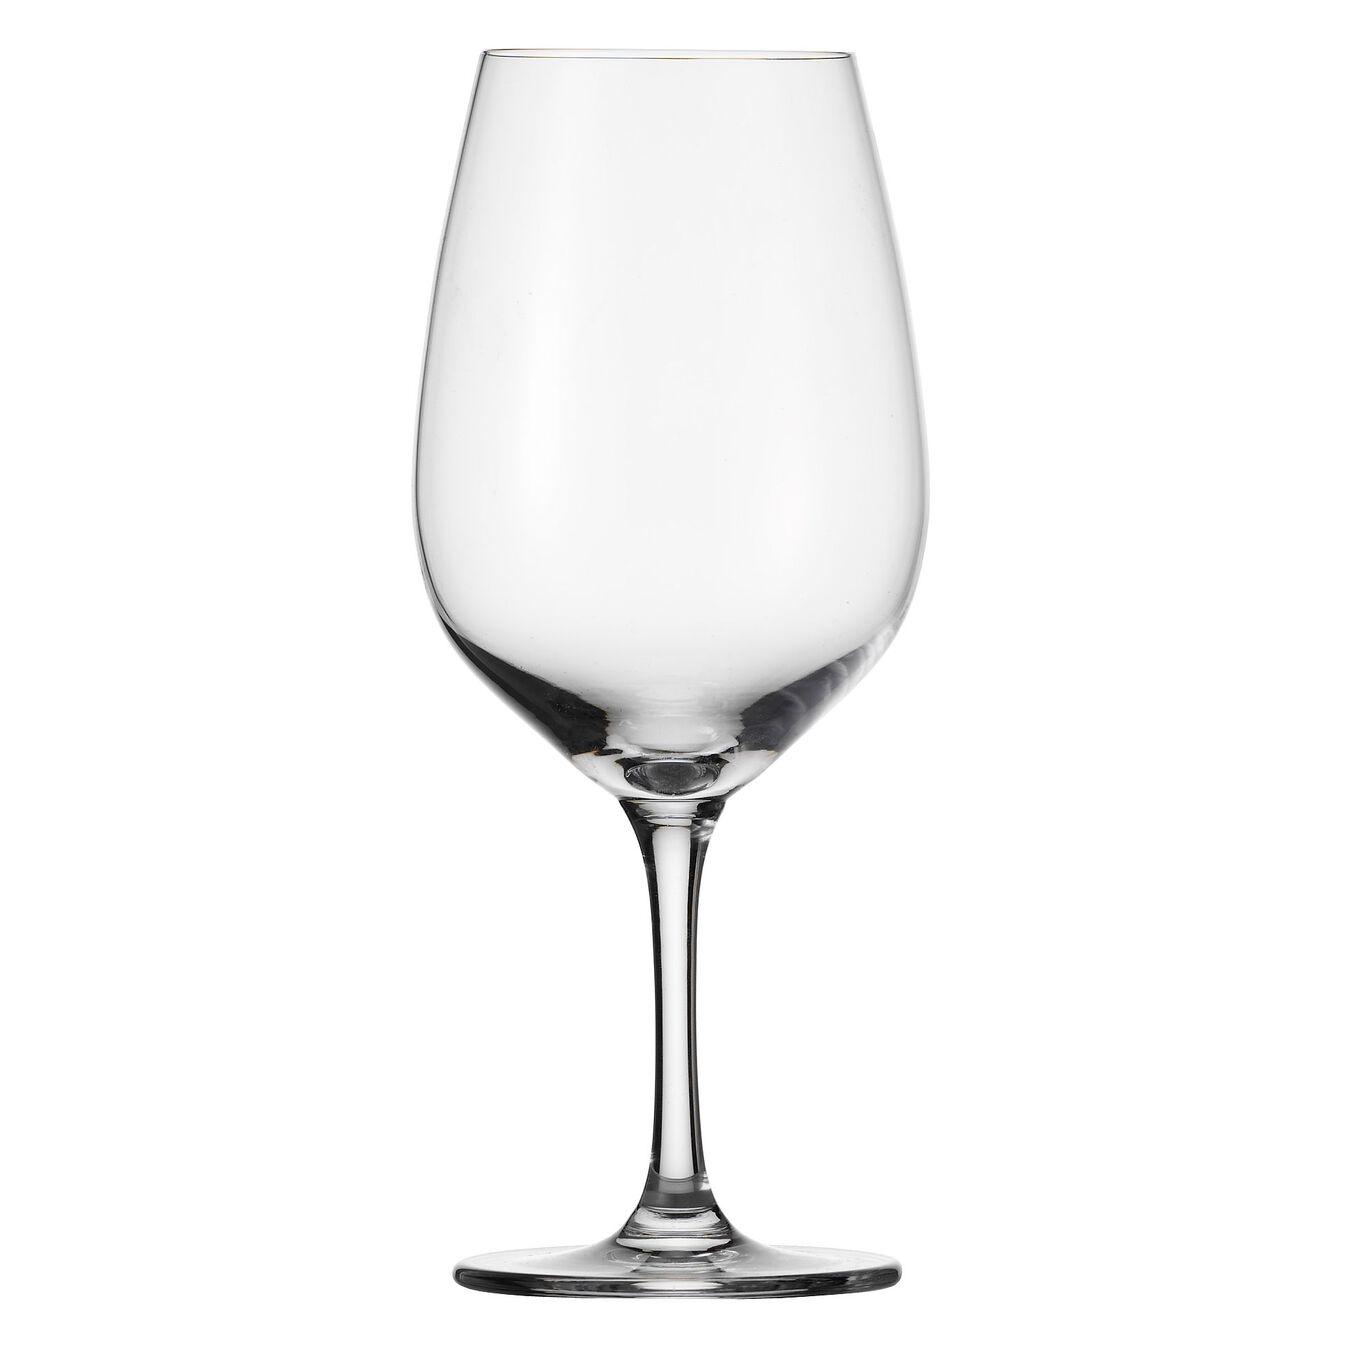 Kırmızı Şarap Kadehi   620 ml,,large 1